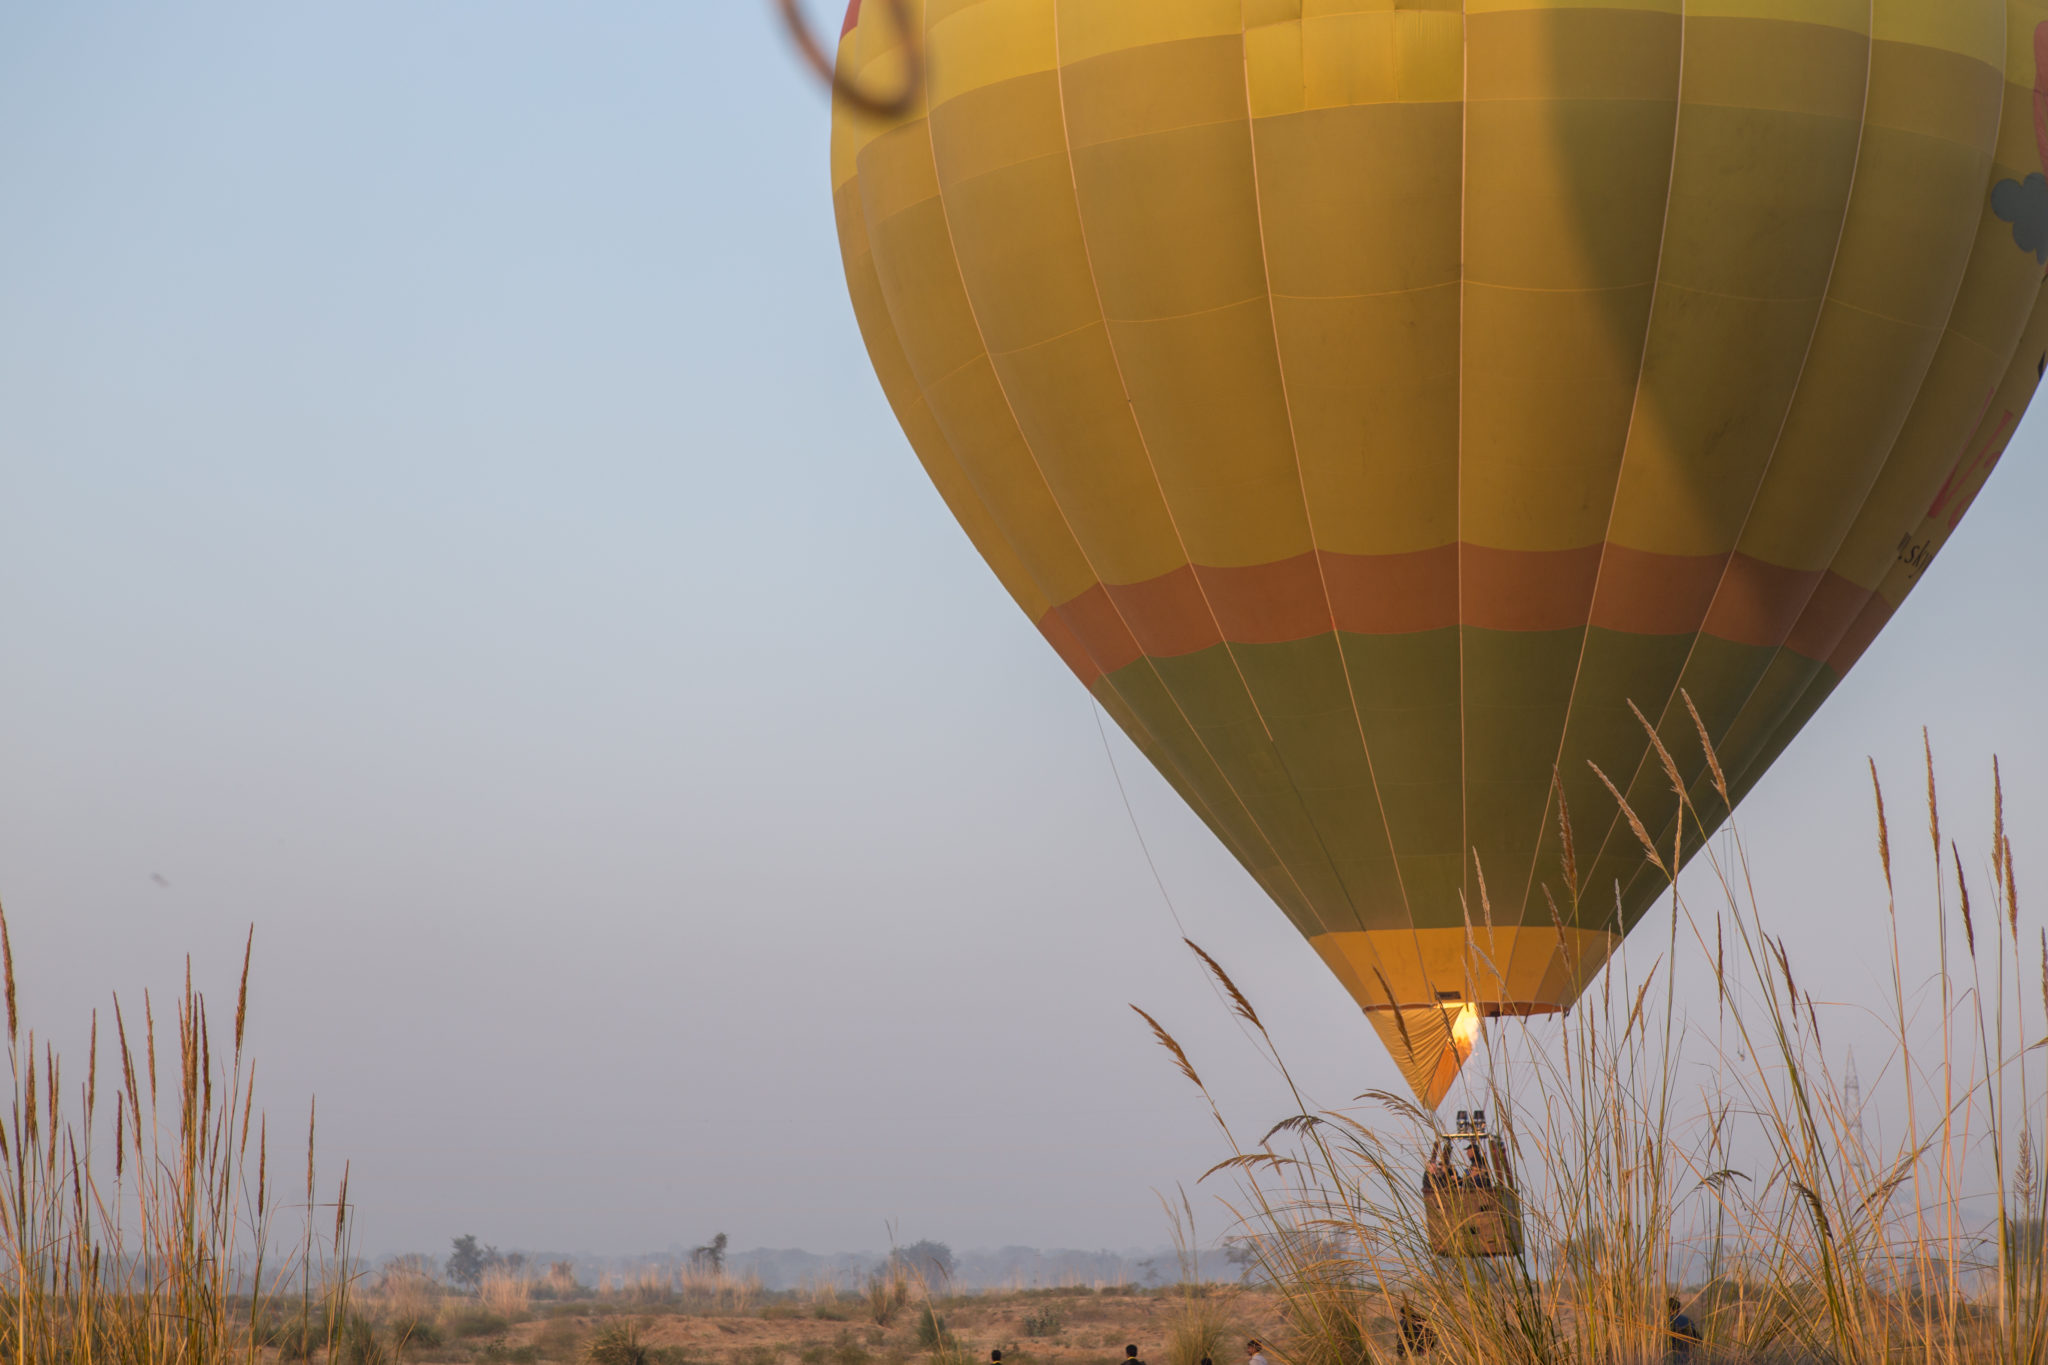 montgolfière-jaipur-activité-insolite-inde